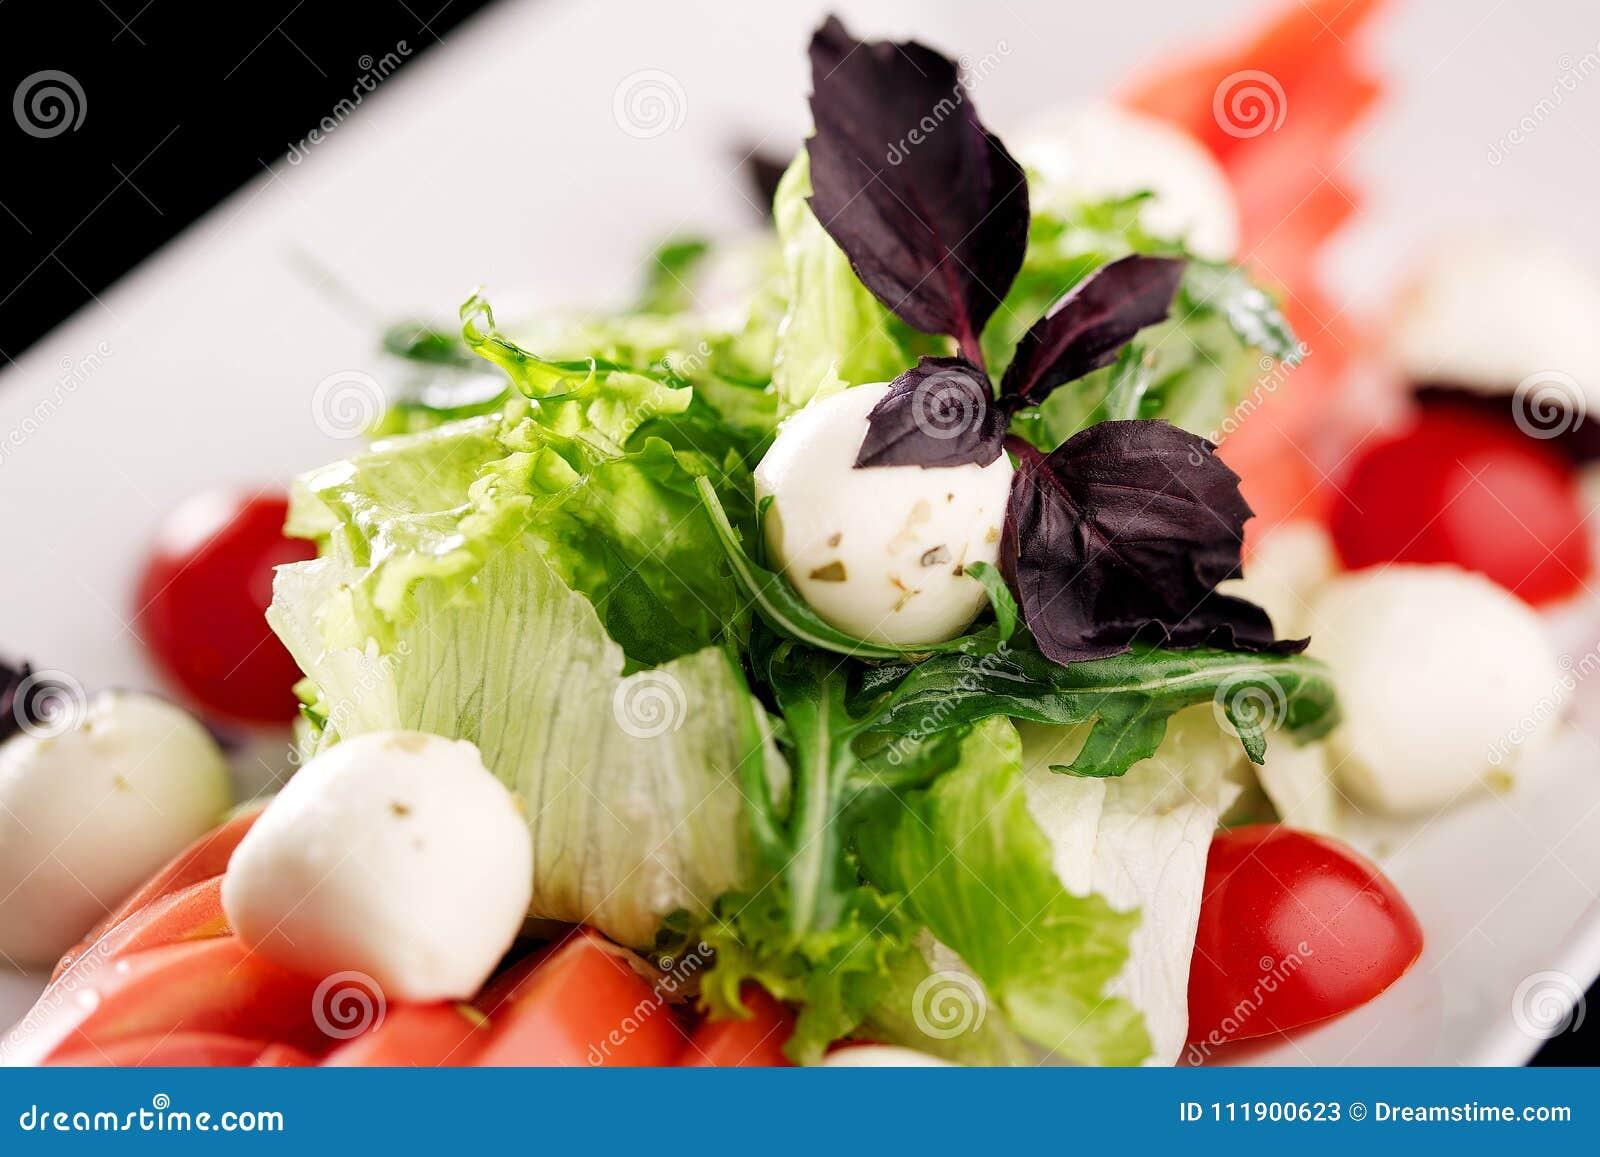 Bombez le mélange de la salade avec les tomates et le mozzarella